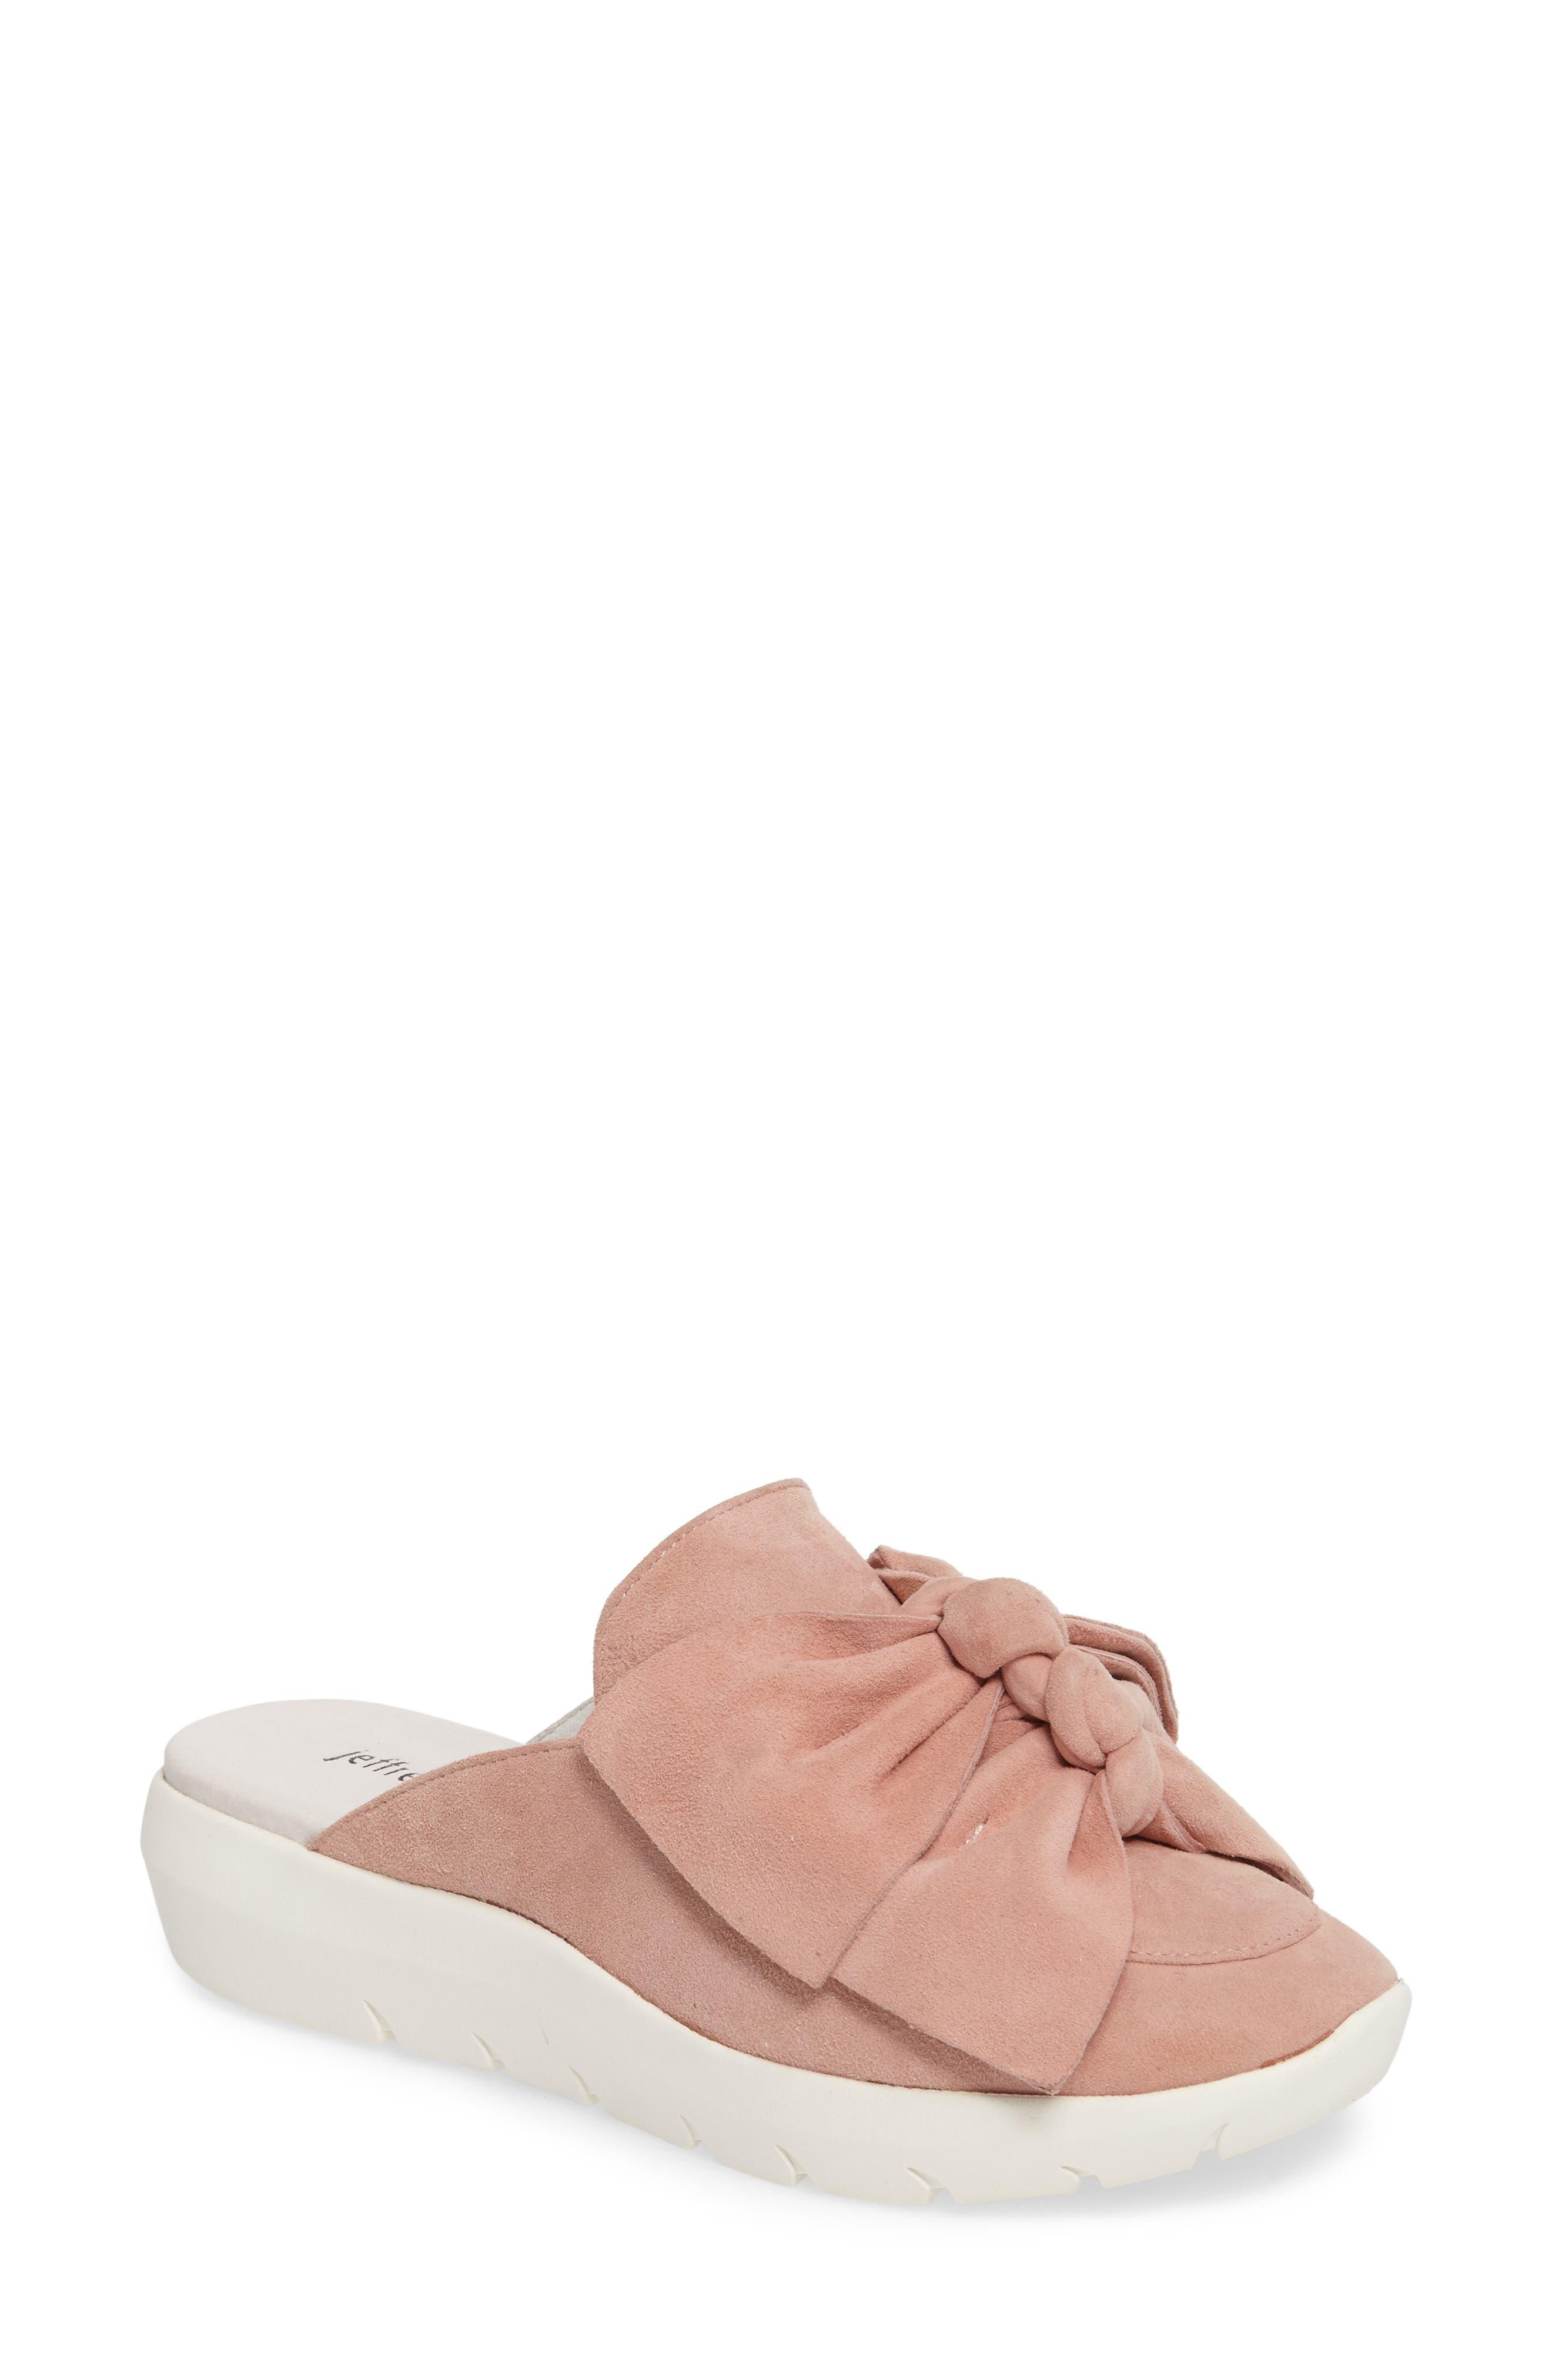 Tibow Platform Slide Sneaker,                         Main,                         color, Pale Pink Suede